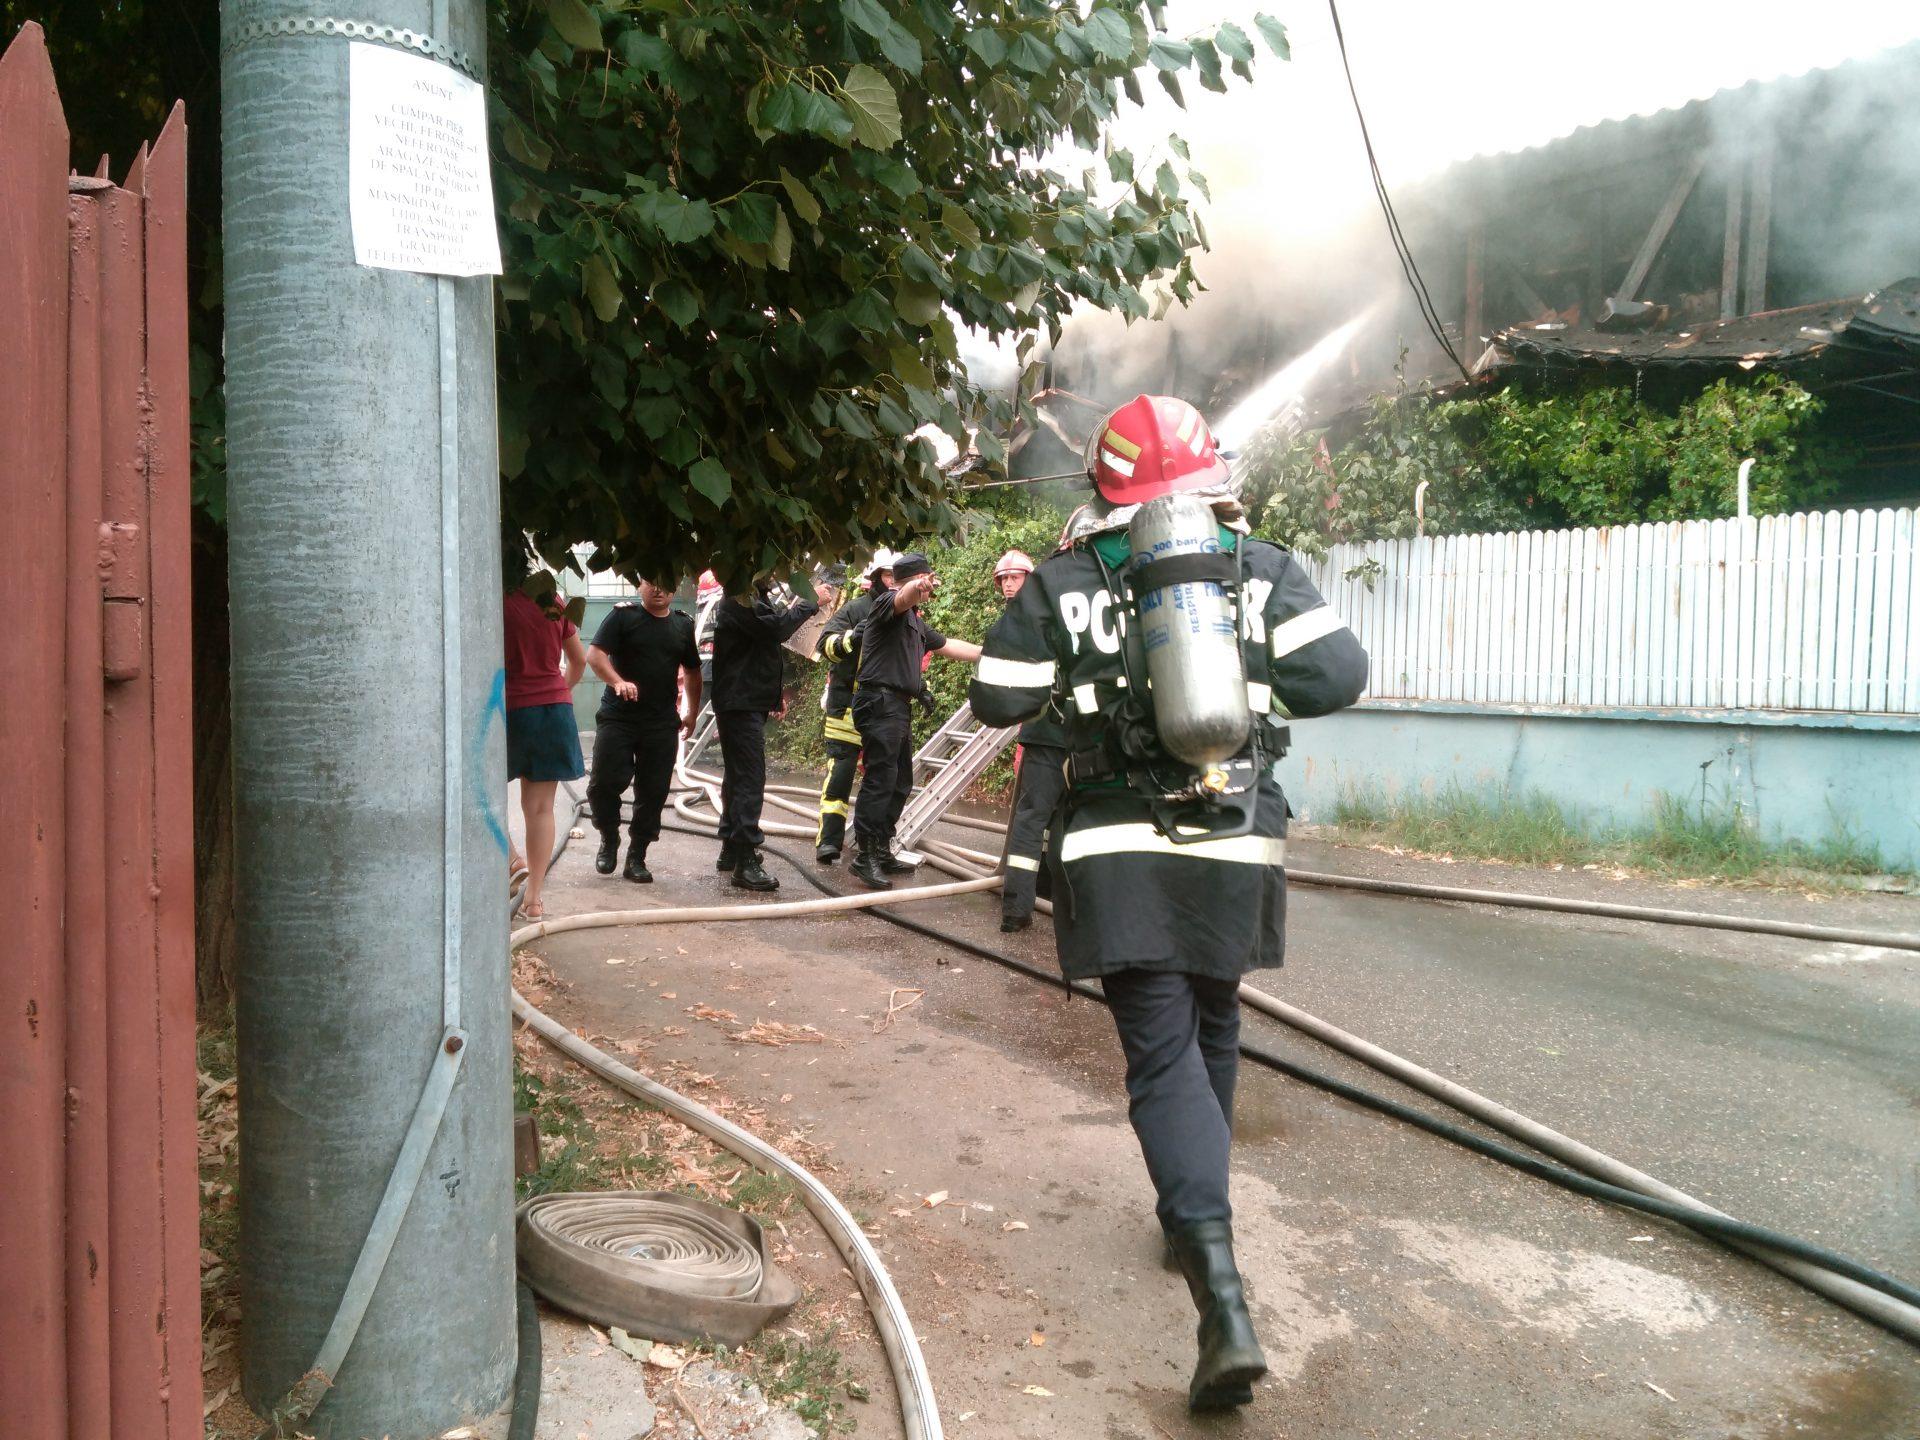 Incendiu puternic pe o stradă din Craiova. O persoană a murit